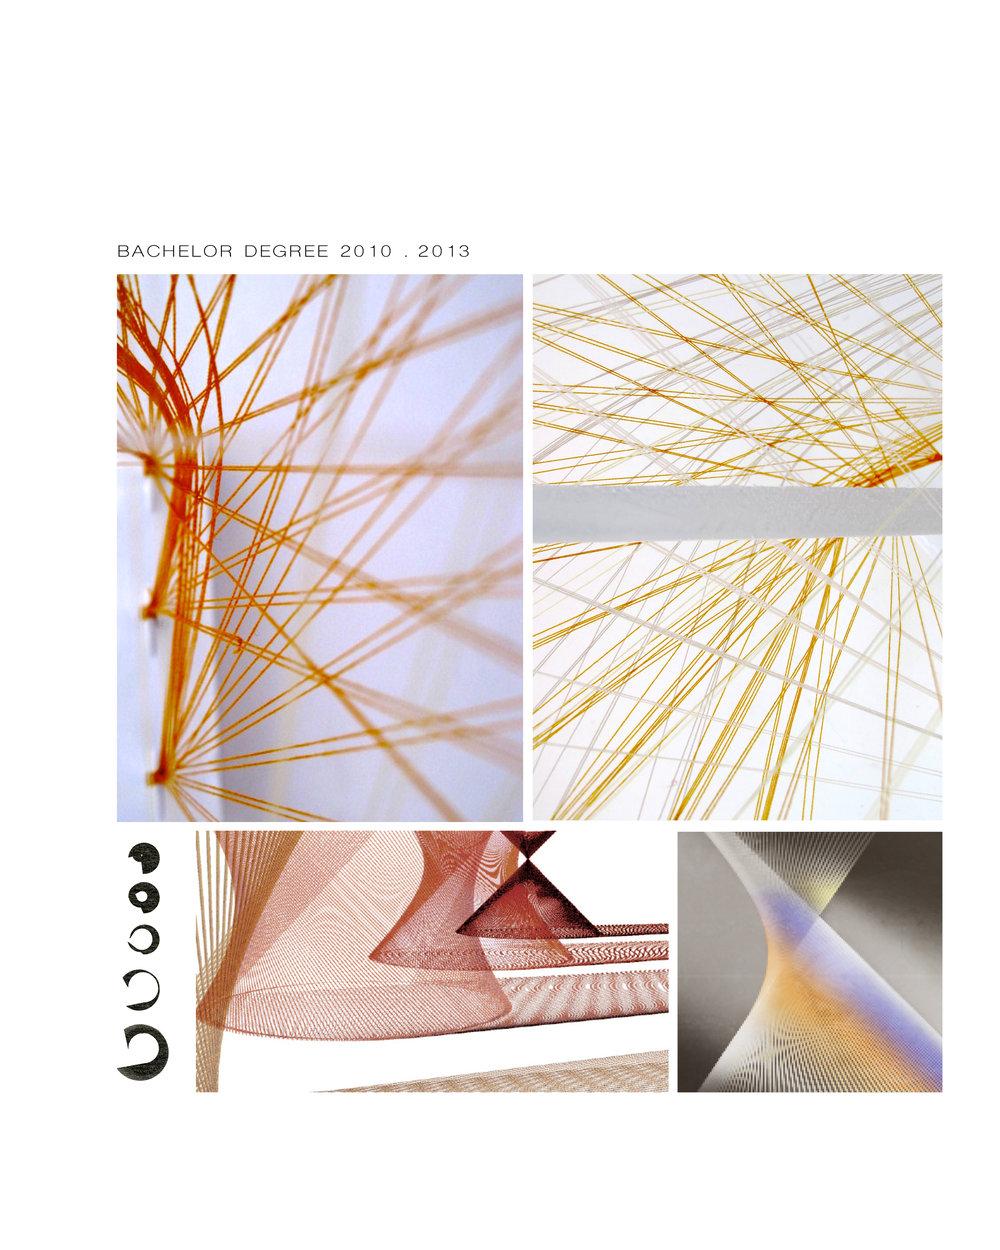 Book.Perso.0137.jpg